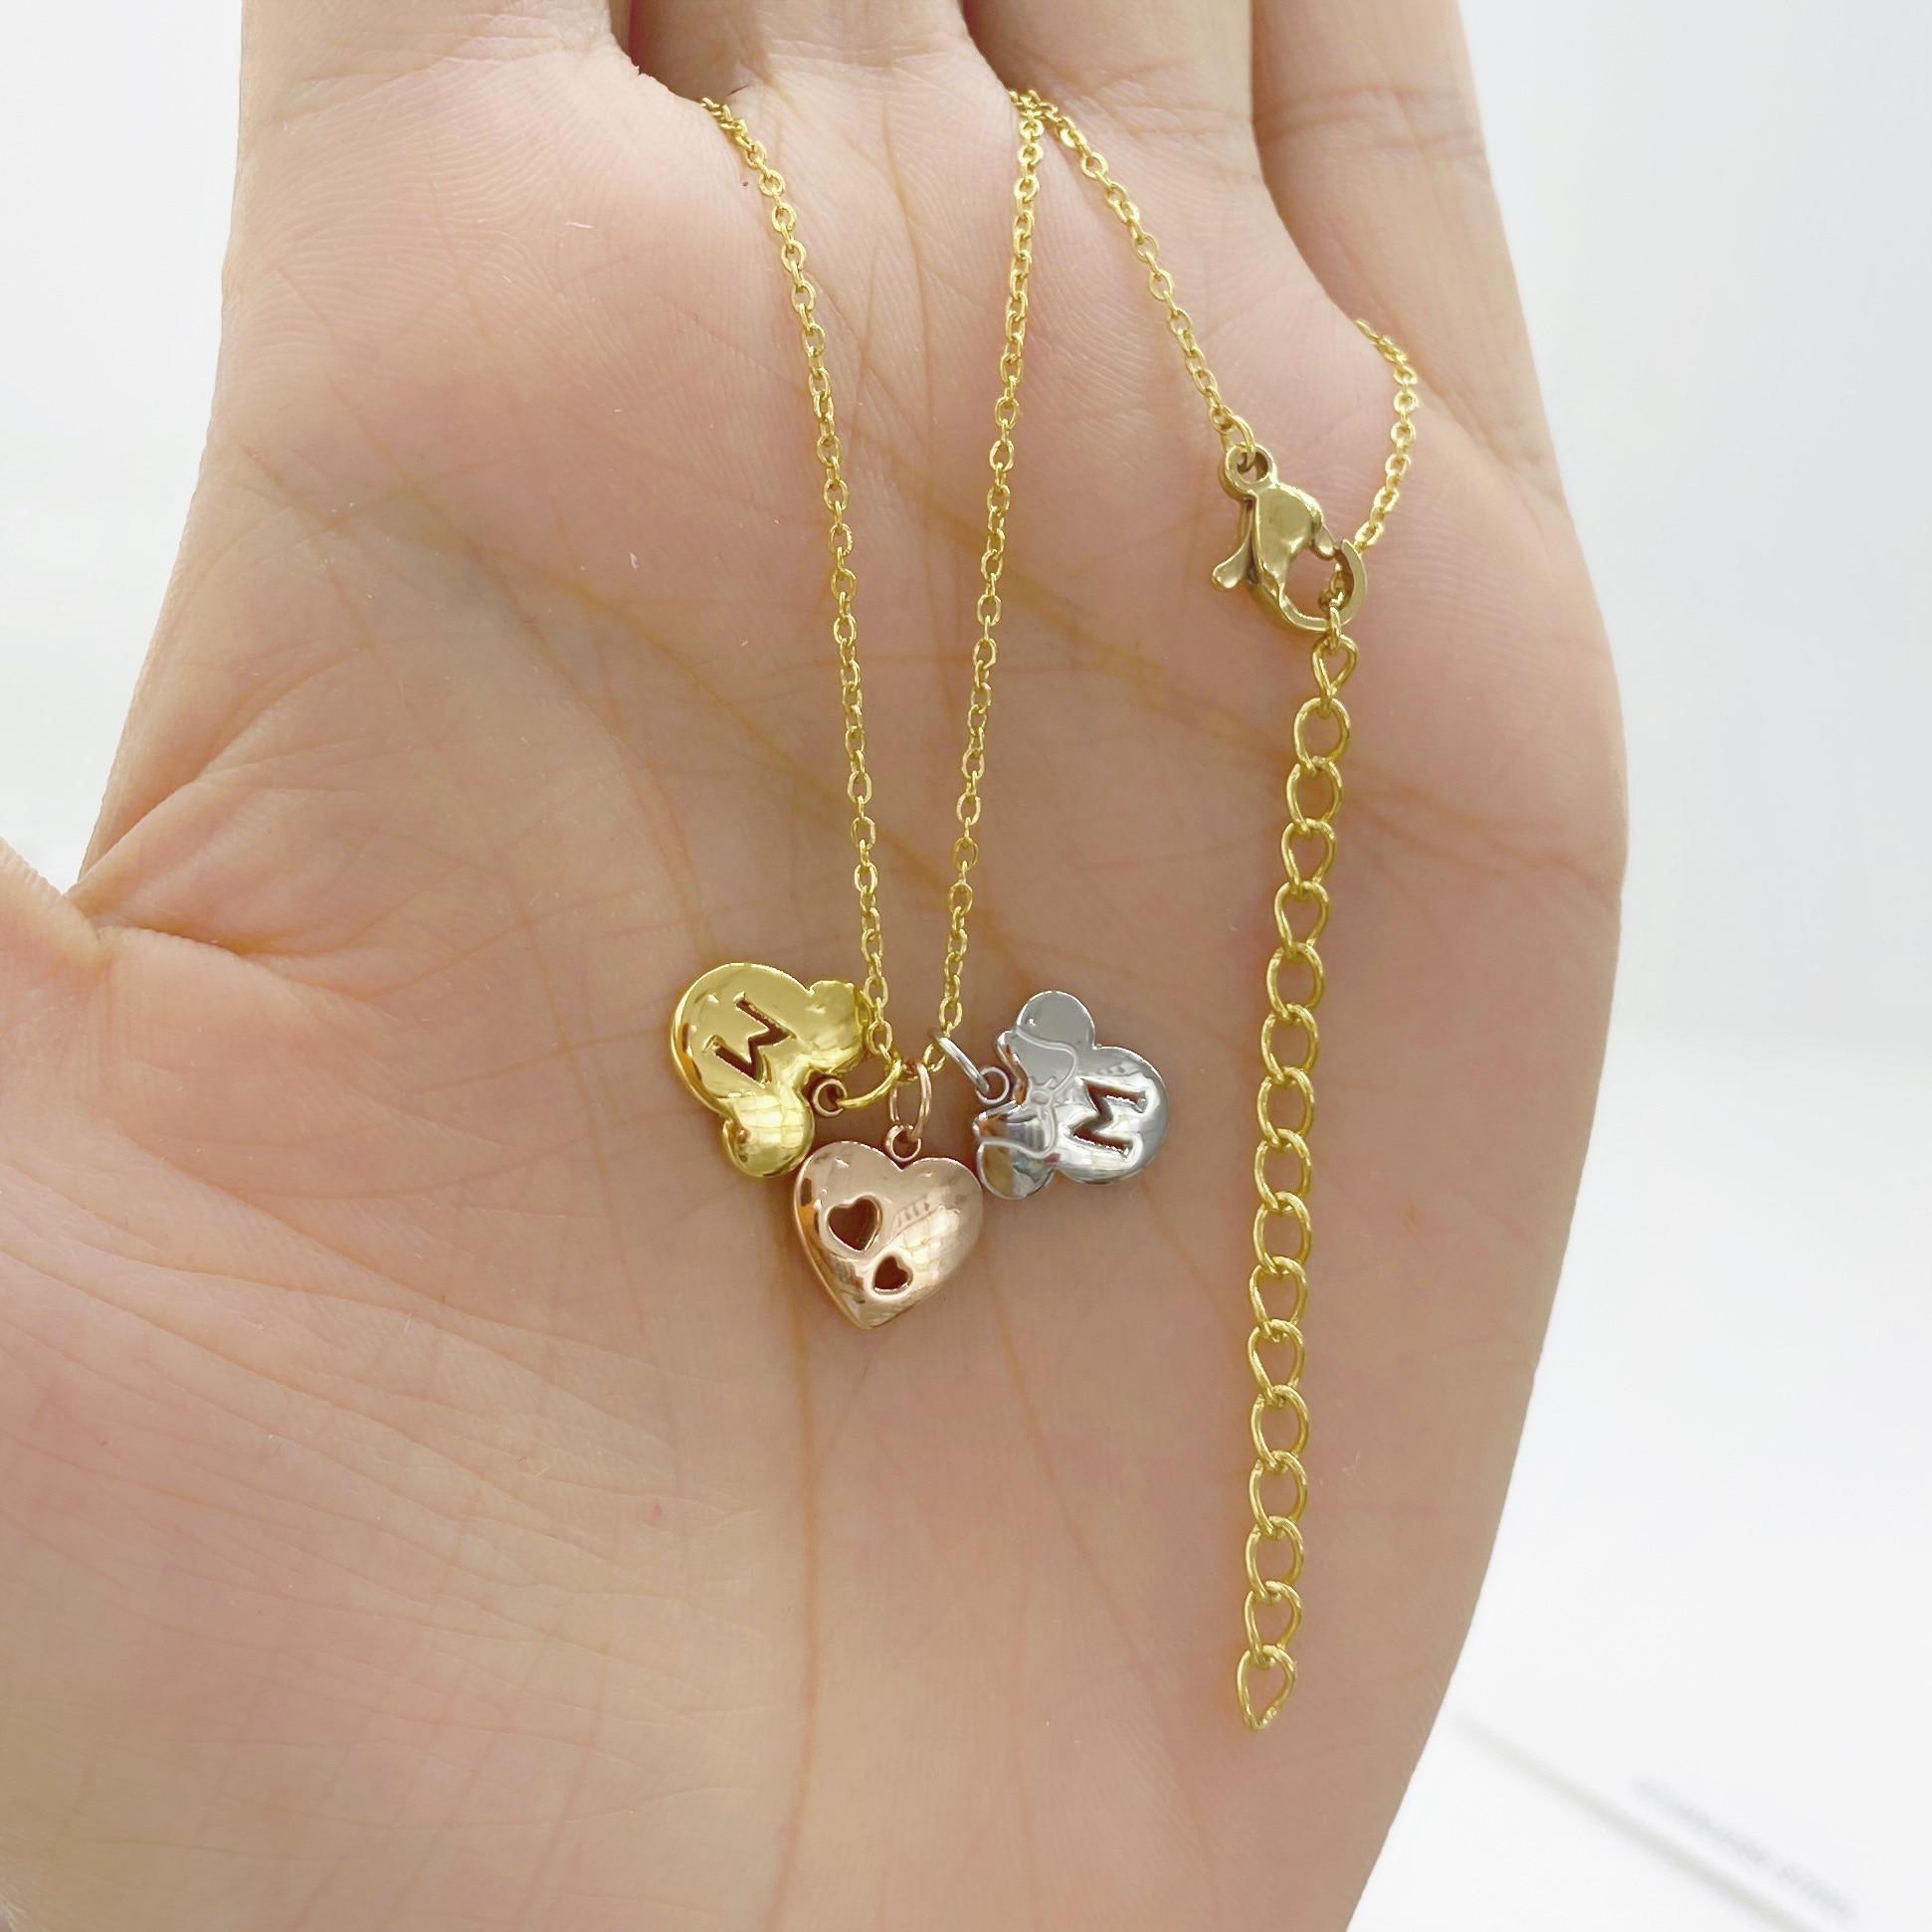 Collar con colgante de Mickey Minnie de acero y titanio Color oro rosa encantador, joyería de acero inoxidable 316L a la moda para mujer